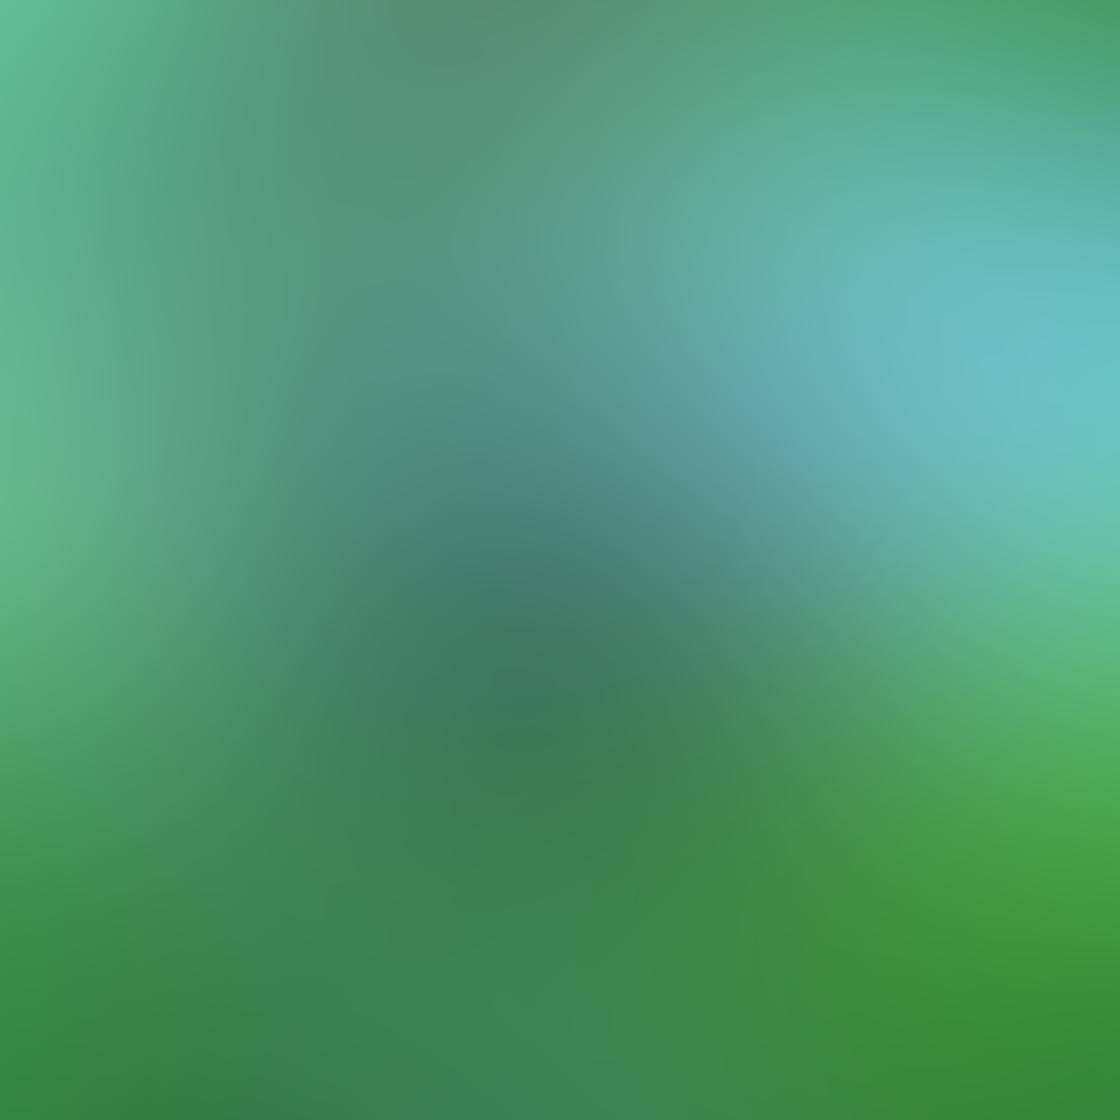 green_iphone_photos-28